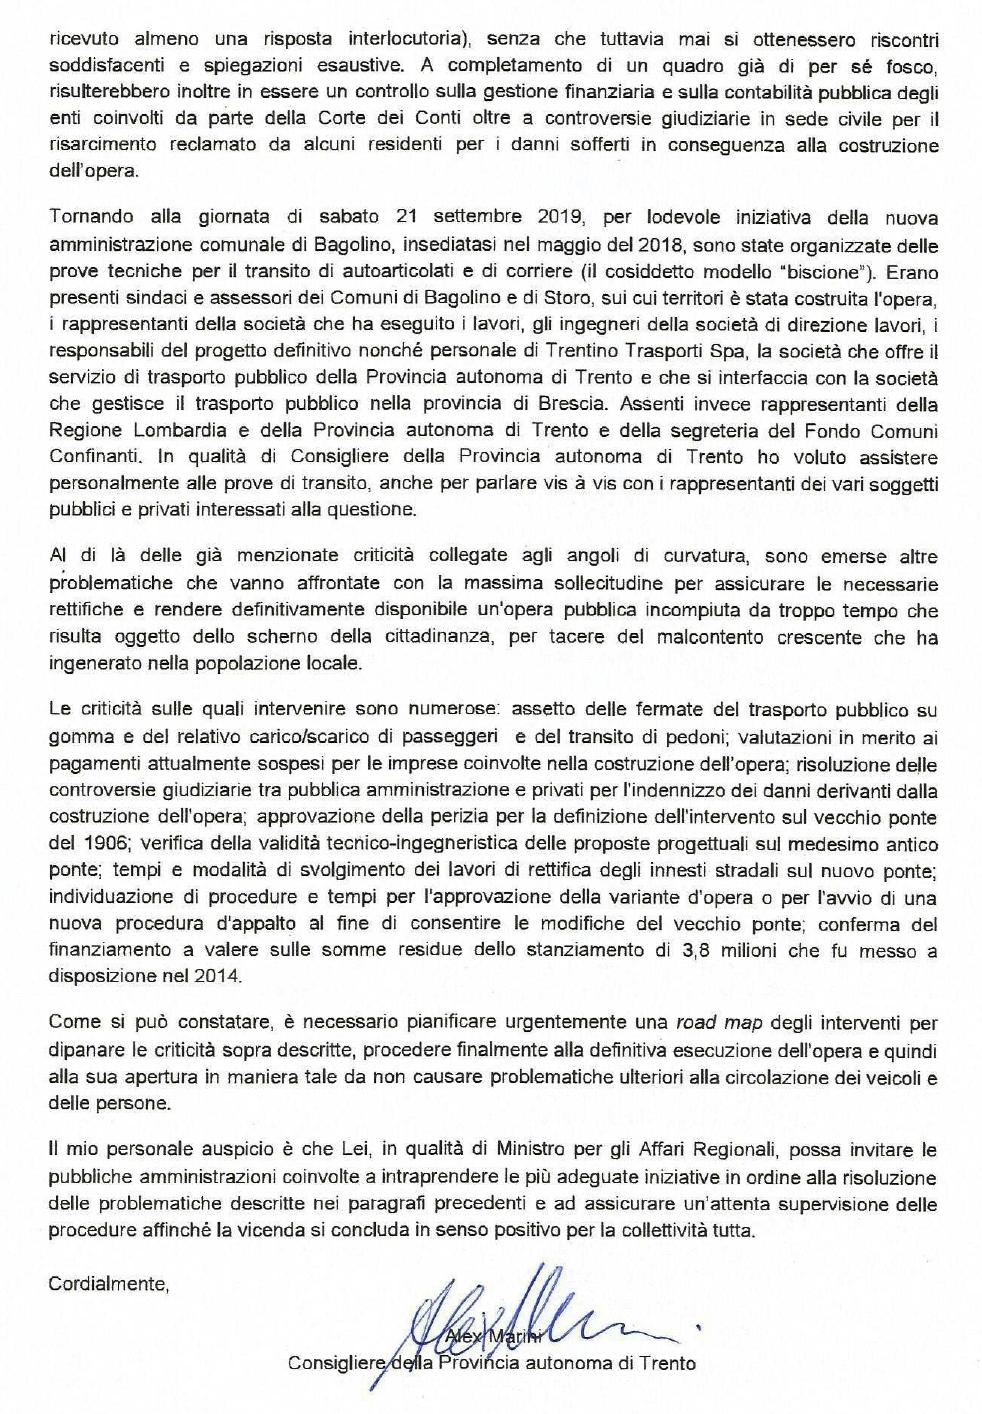 20190926_Lettera aperta ministro affari regionali__page-0002